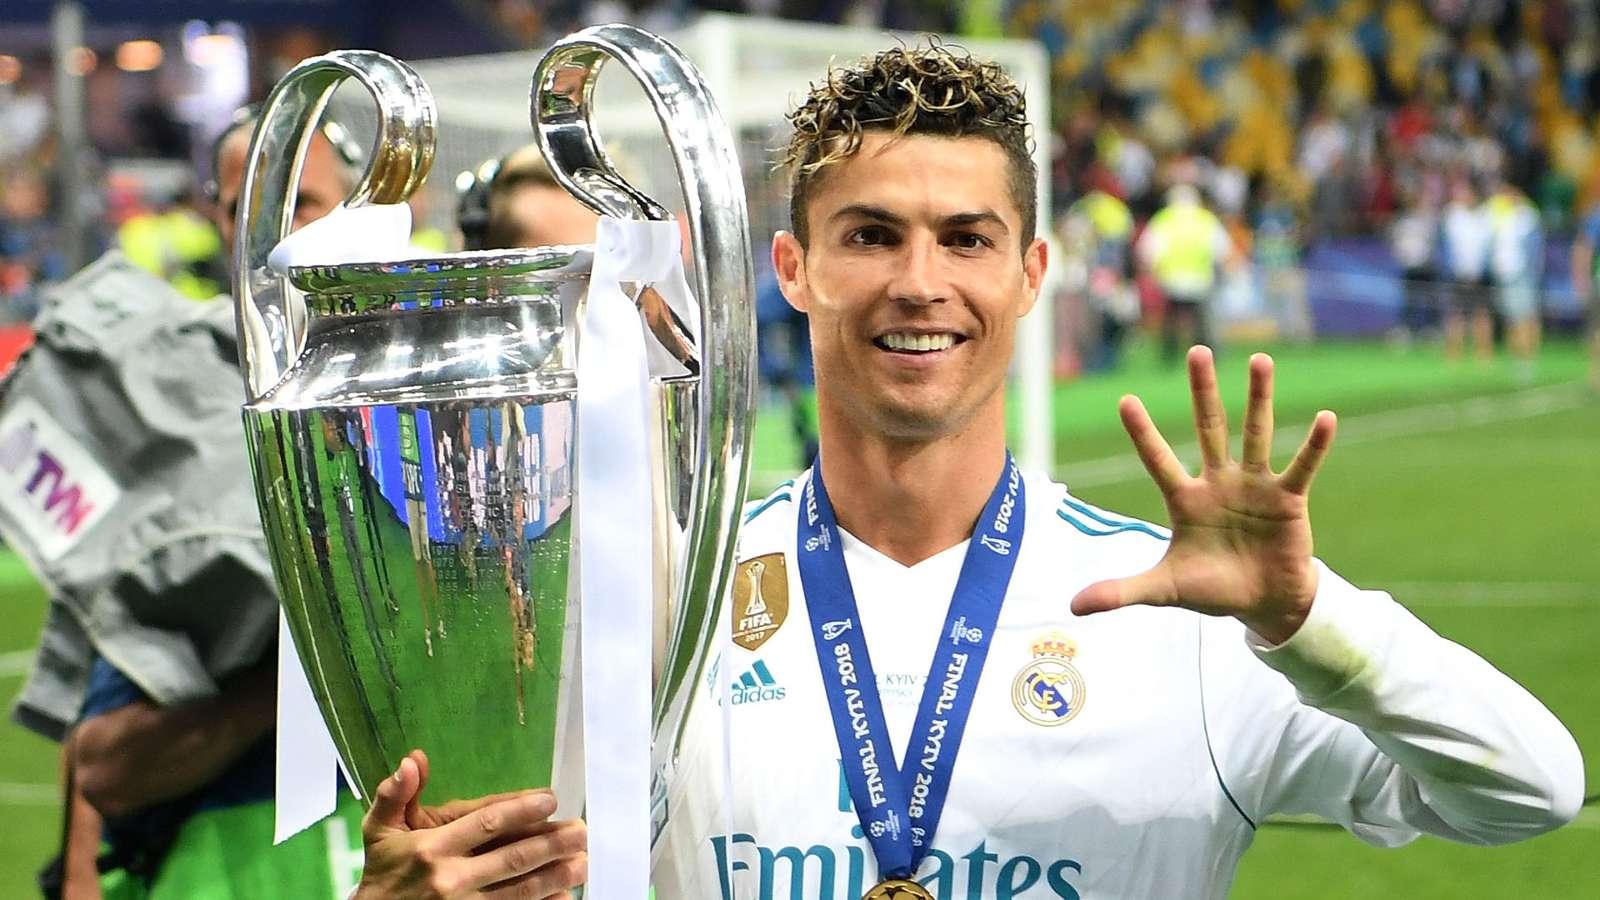 Top 10 ngôi sao ghi bàn nhiều nhất Champions League - Bóng Đá